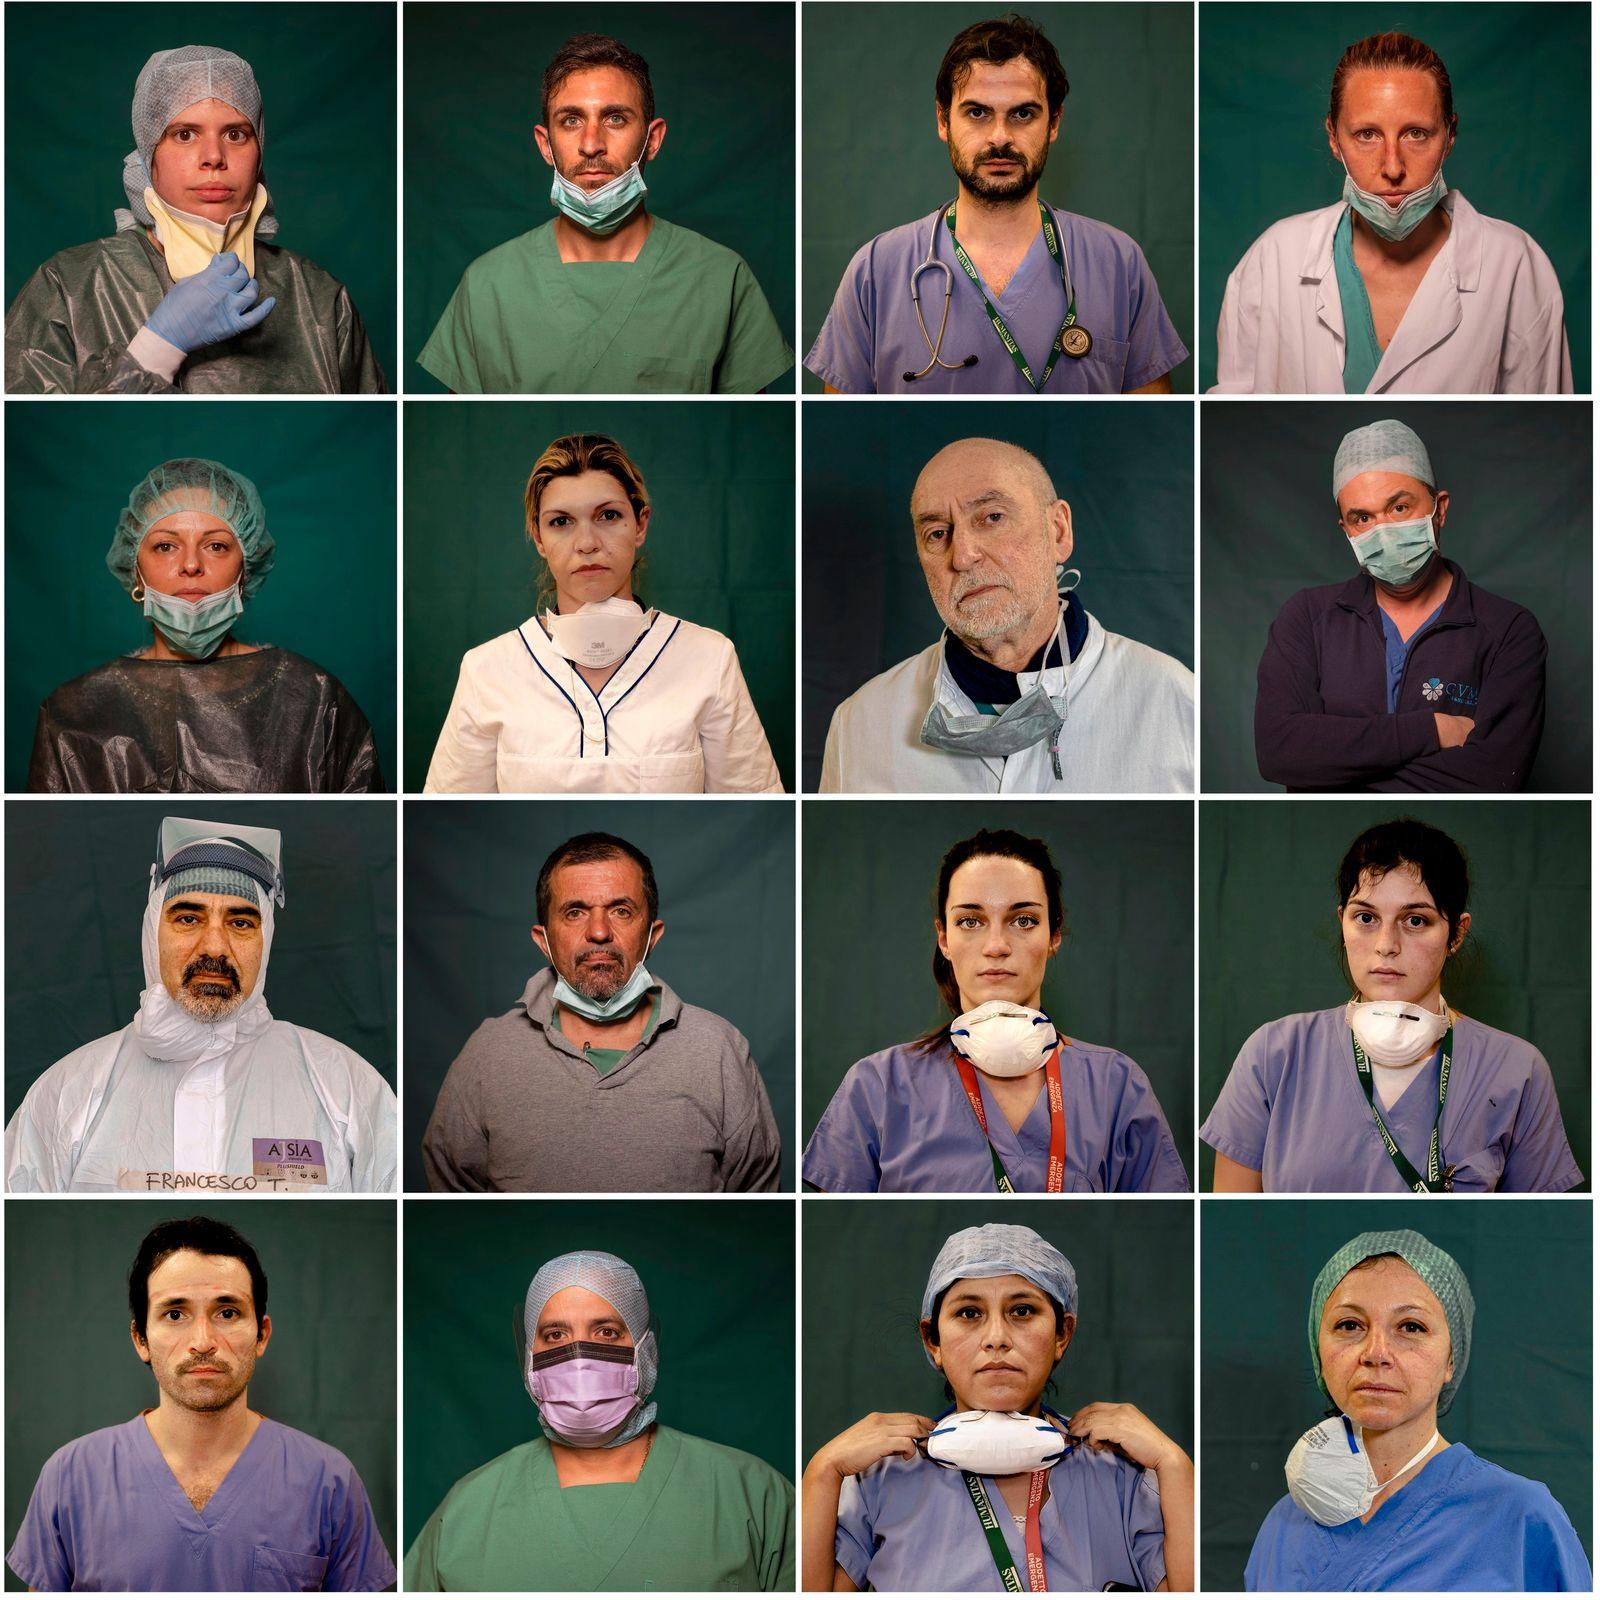 APTOPIX Virus Outbreak Italy's Heroes Photo Gallery